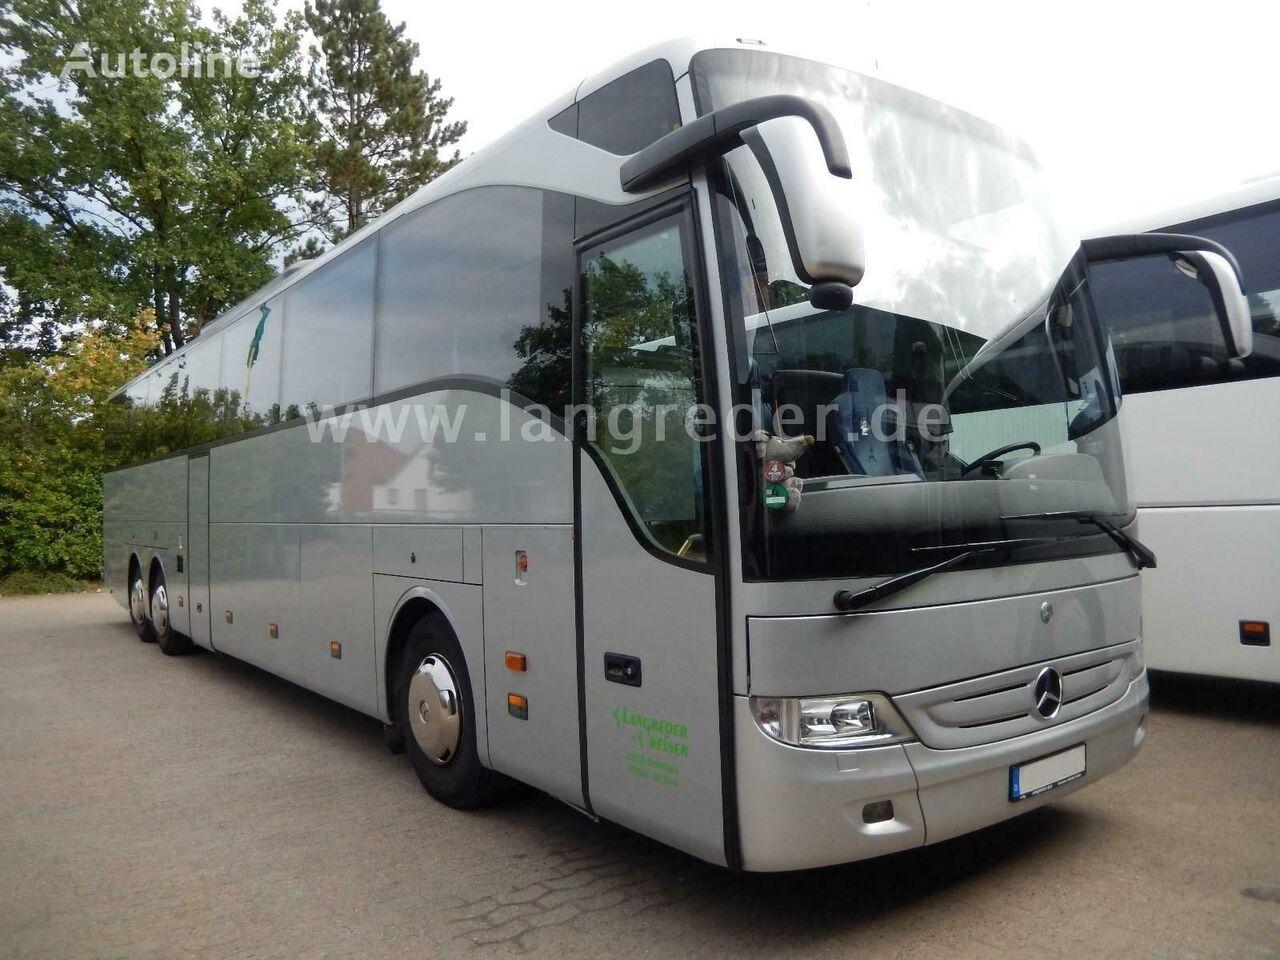 MERCEDES-BENZ Tourismo RHD-L autocar de tourisme